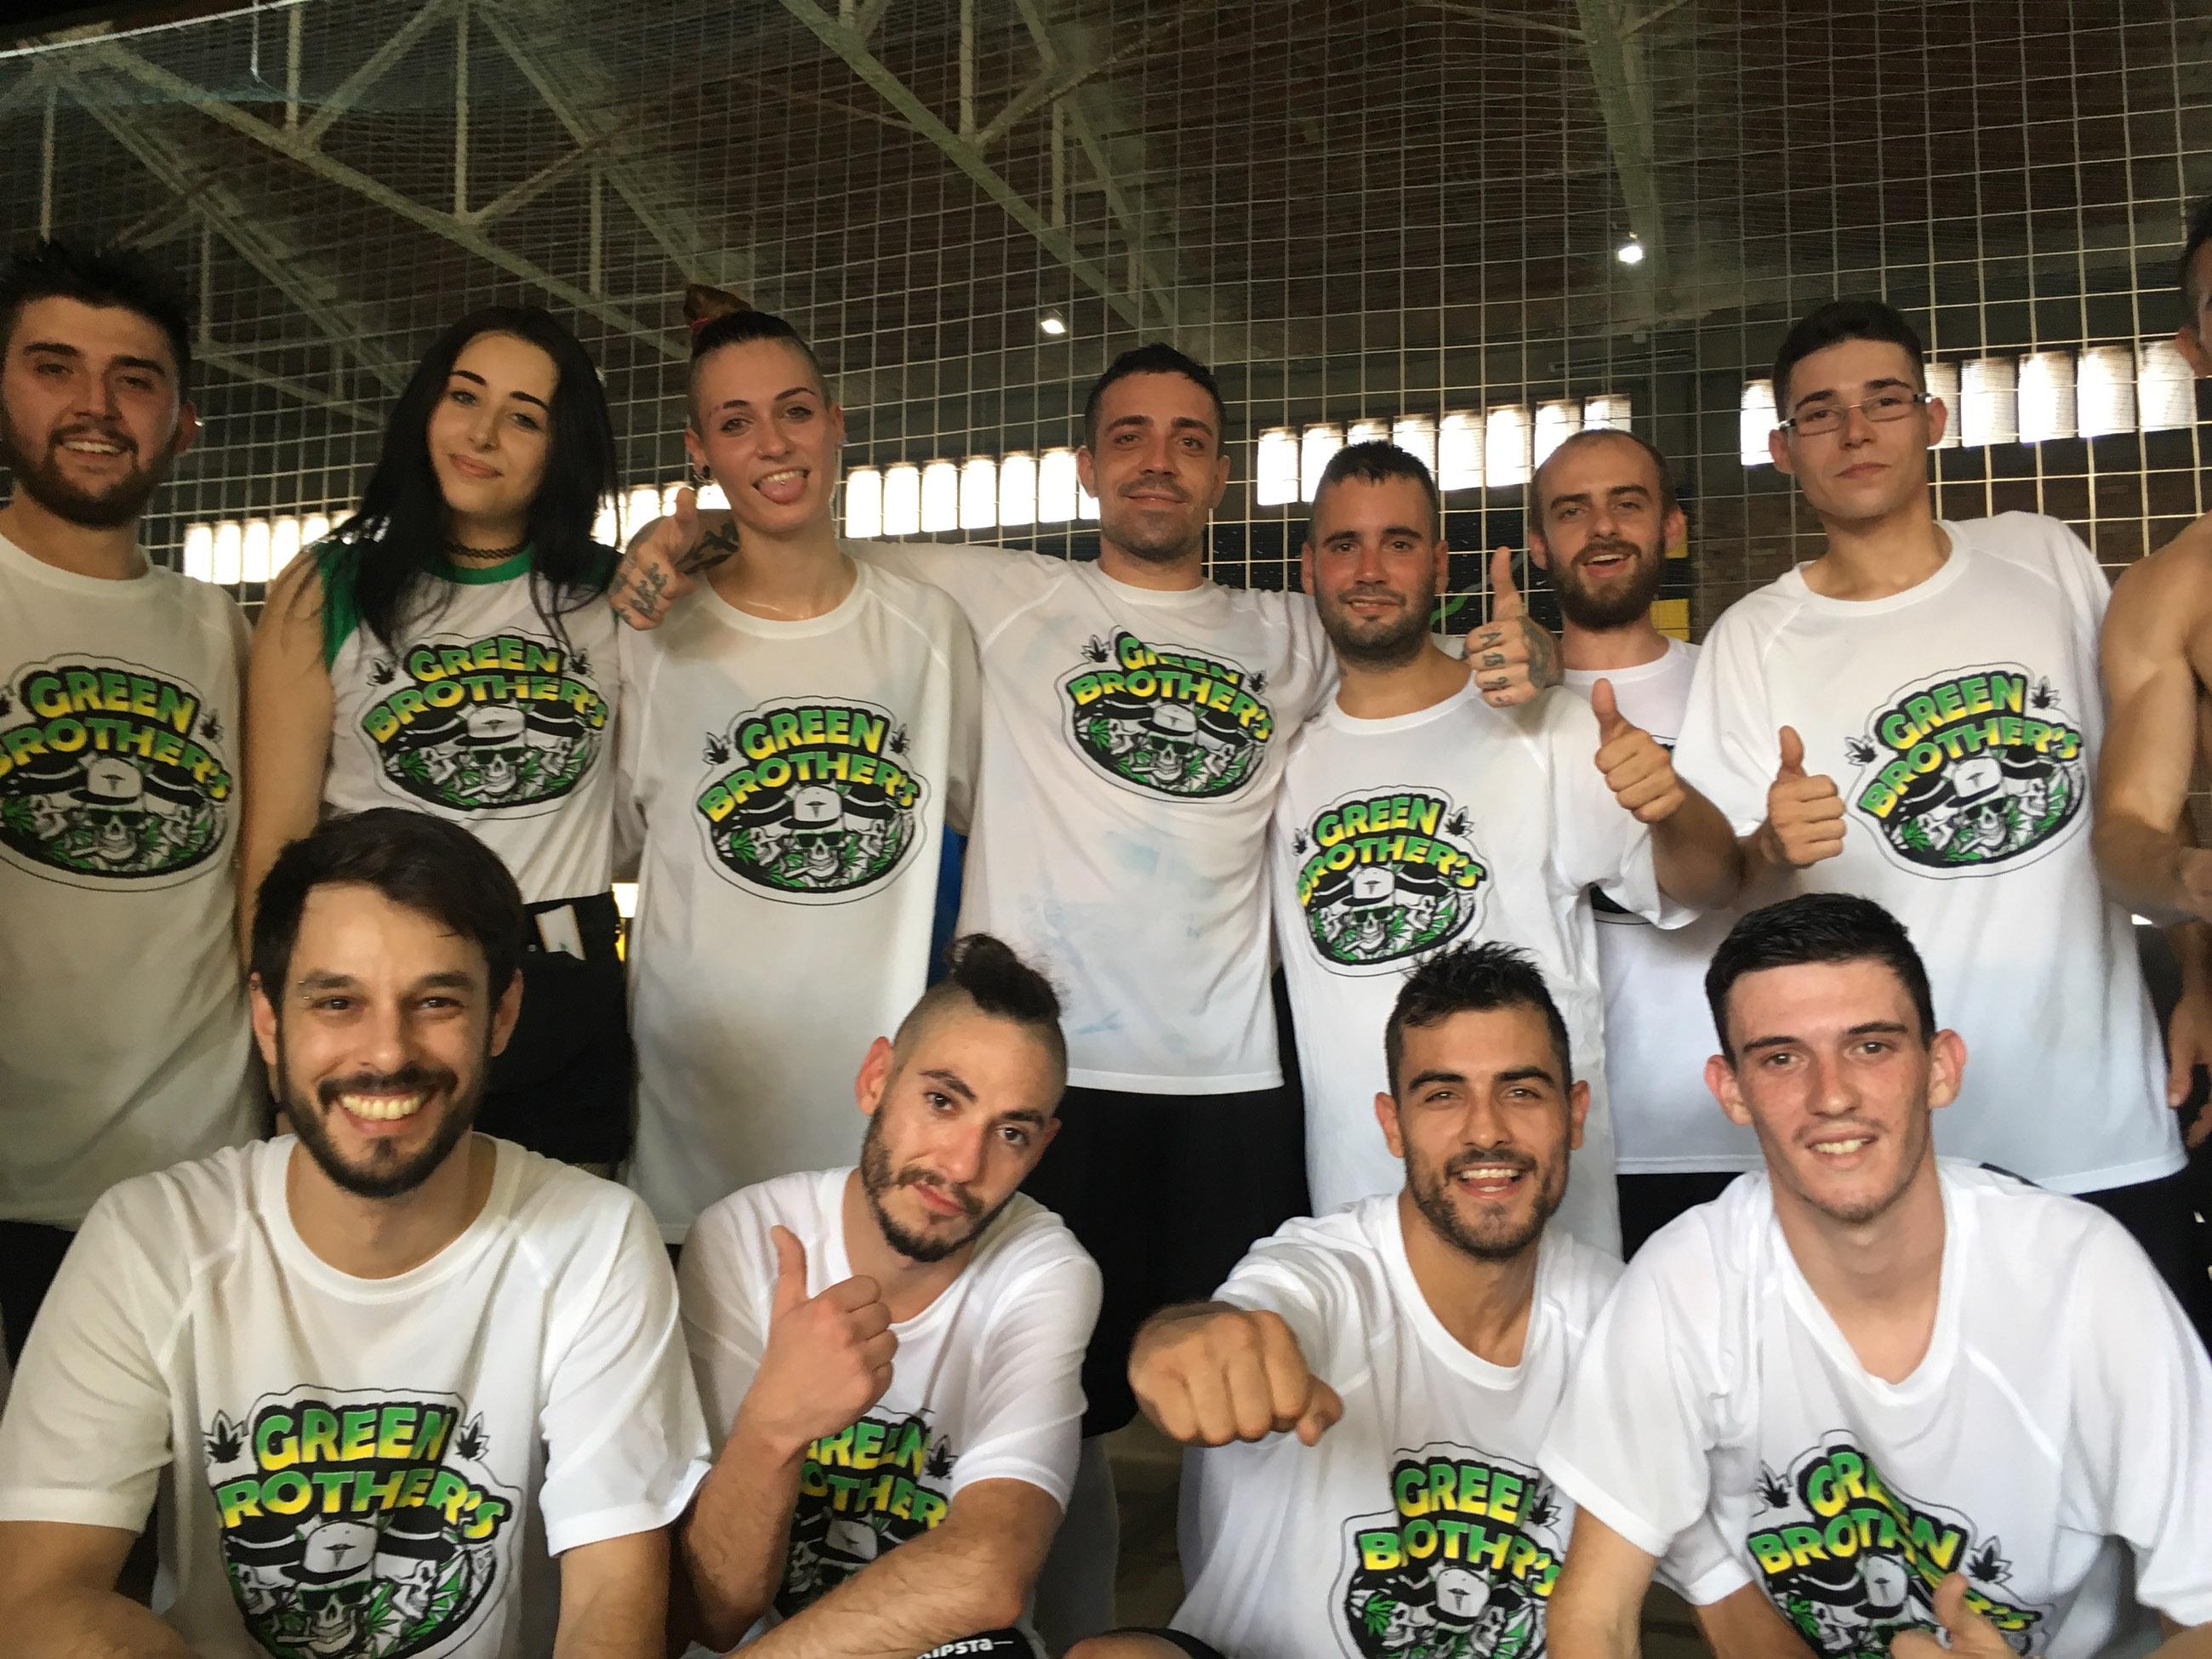 Photographie de l'équipe des Green Brothers, prise pour la ligue de football Mary Jane. Contrairement à ce que son nom pourrait suggérer, des femmes jouent également dans l'équipe des Green Brothers. Les 11 joueurs et joueuses portent le maillot blanc du dispensaire de cannabis Green Brothers, situé à Barcelone.